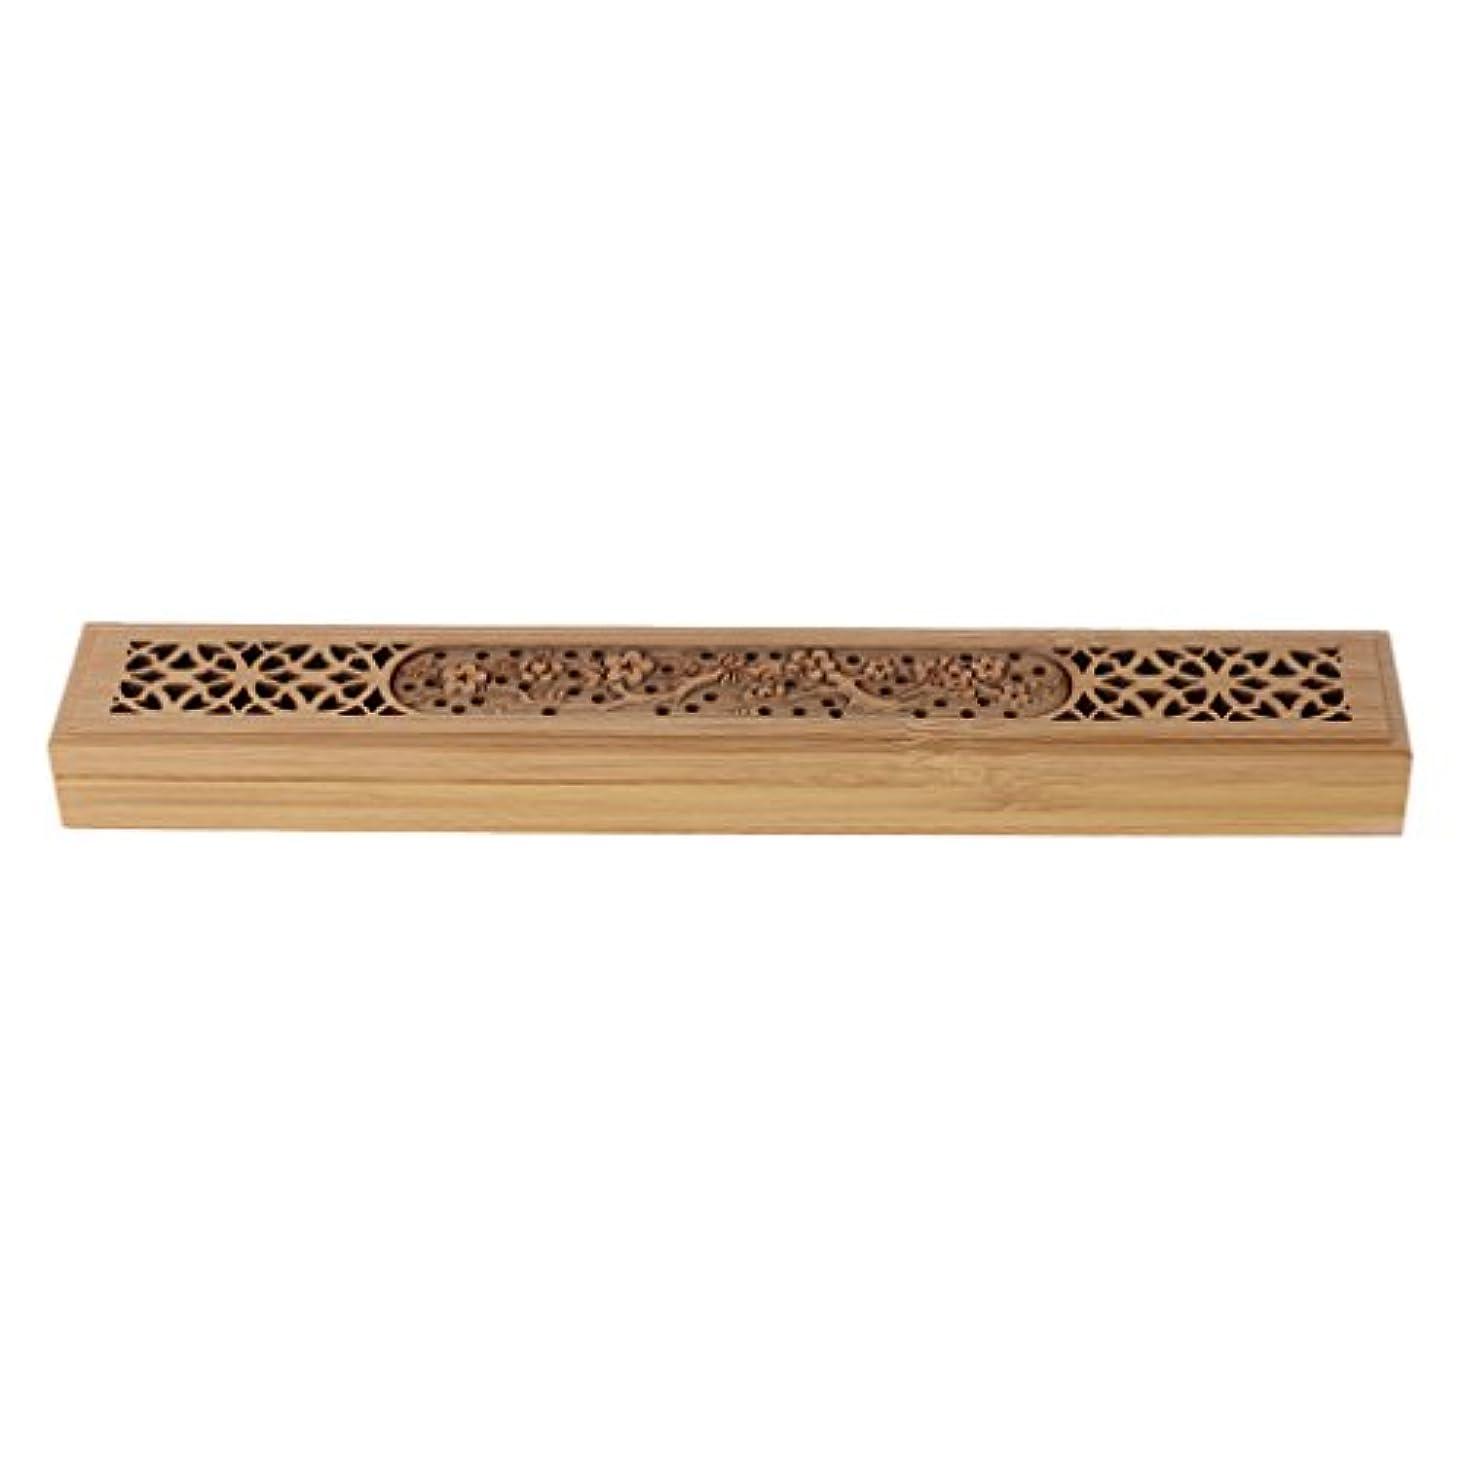 忙しい受け皿静かなSimpleLife 木製の香炉バーナーレトロな手彫り中空のジョス棒の香りホルダーボックス